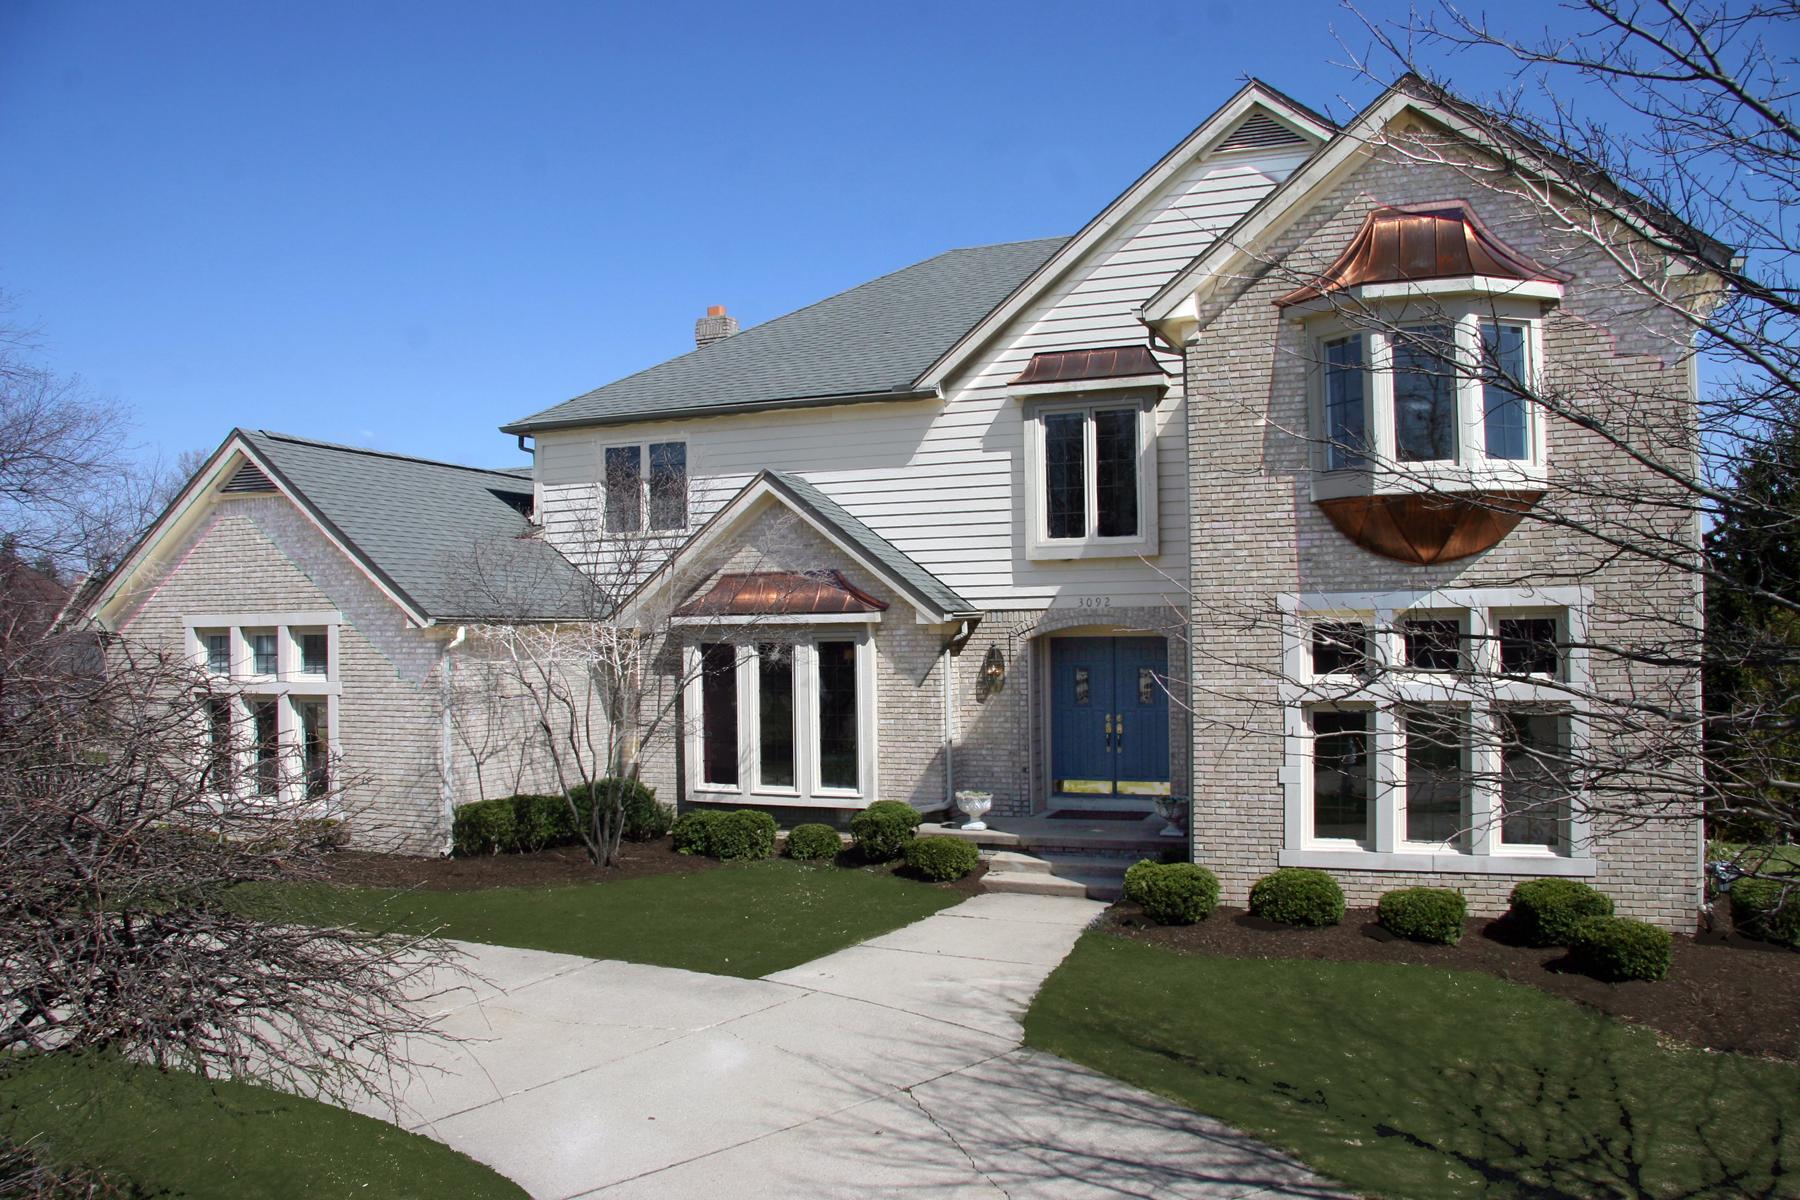 独户住宅 为 销售 在 Bloomfield 3092 Woodcreek Way 布洛姆费尔德, 密歇根州, 48304 美国